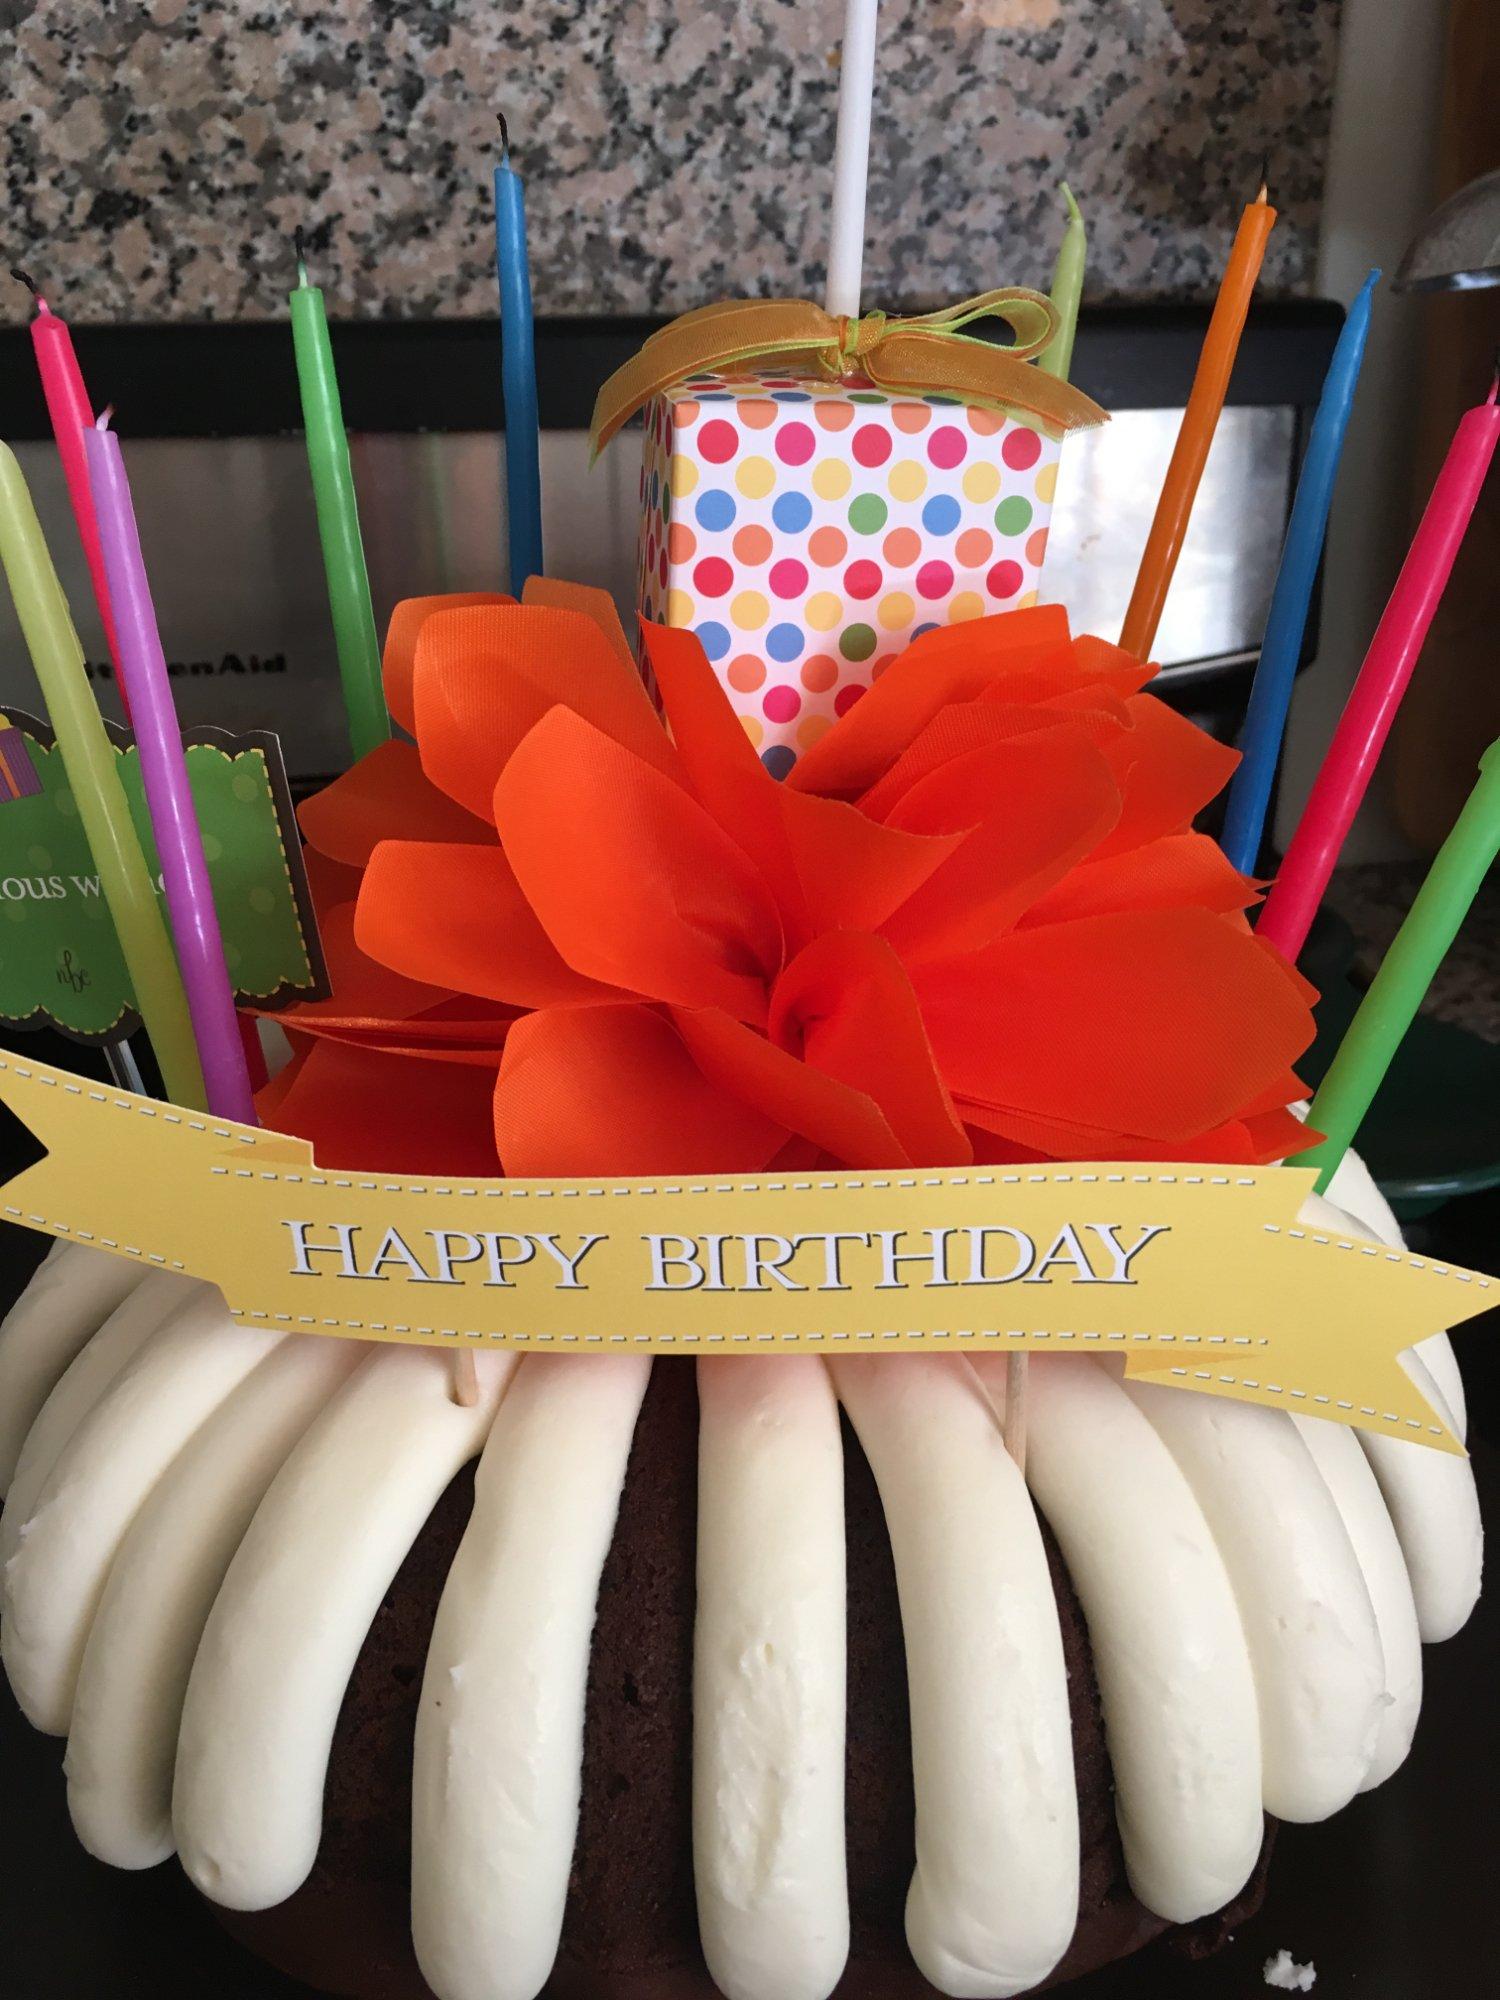 My daughter's birthday cake this year.